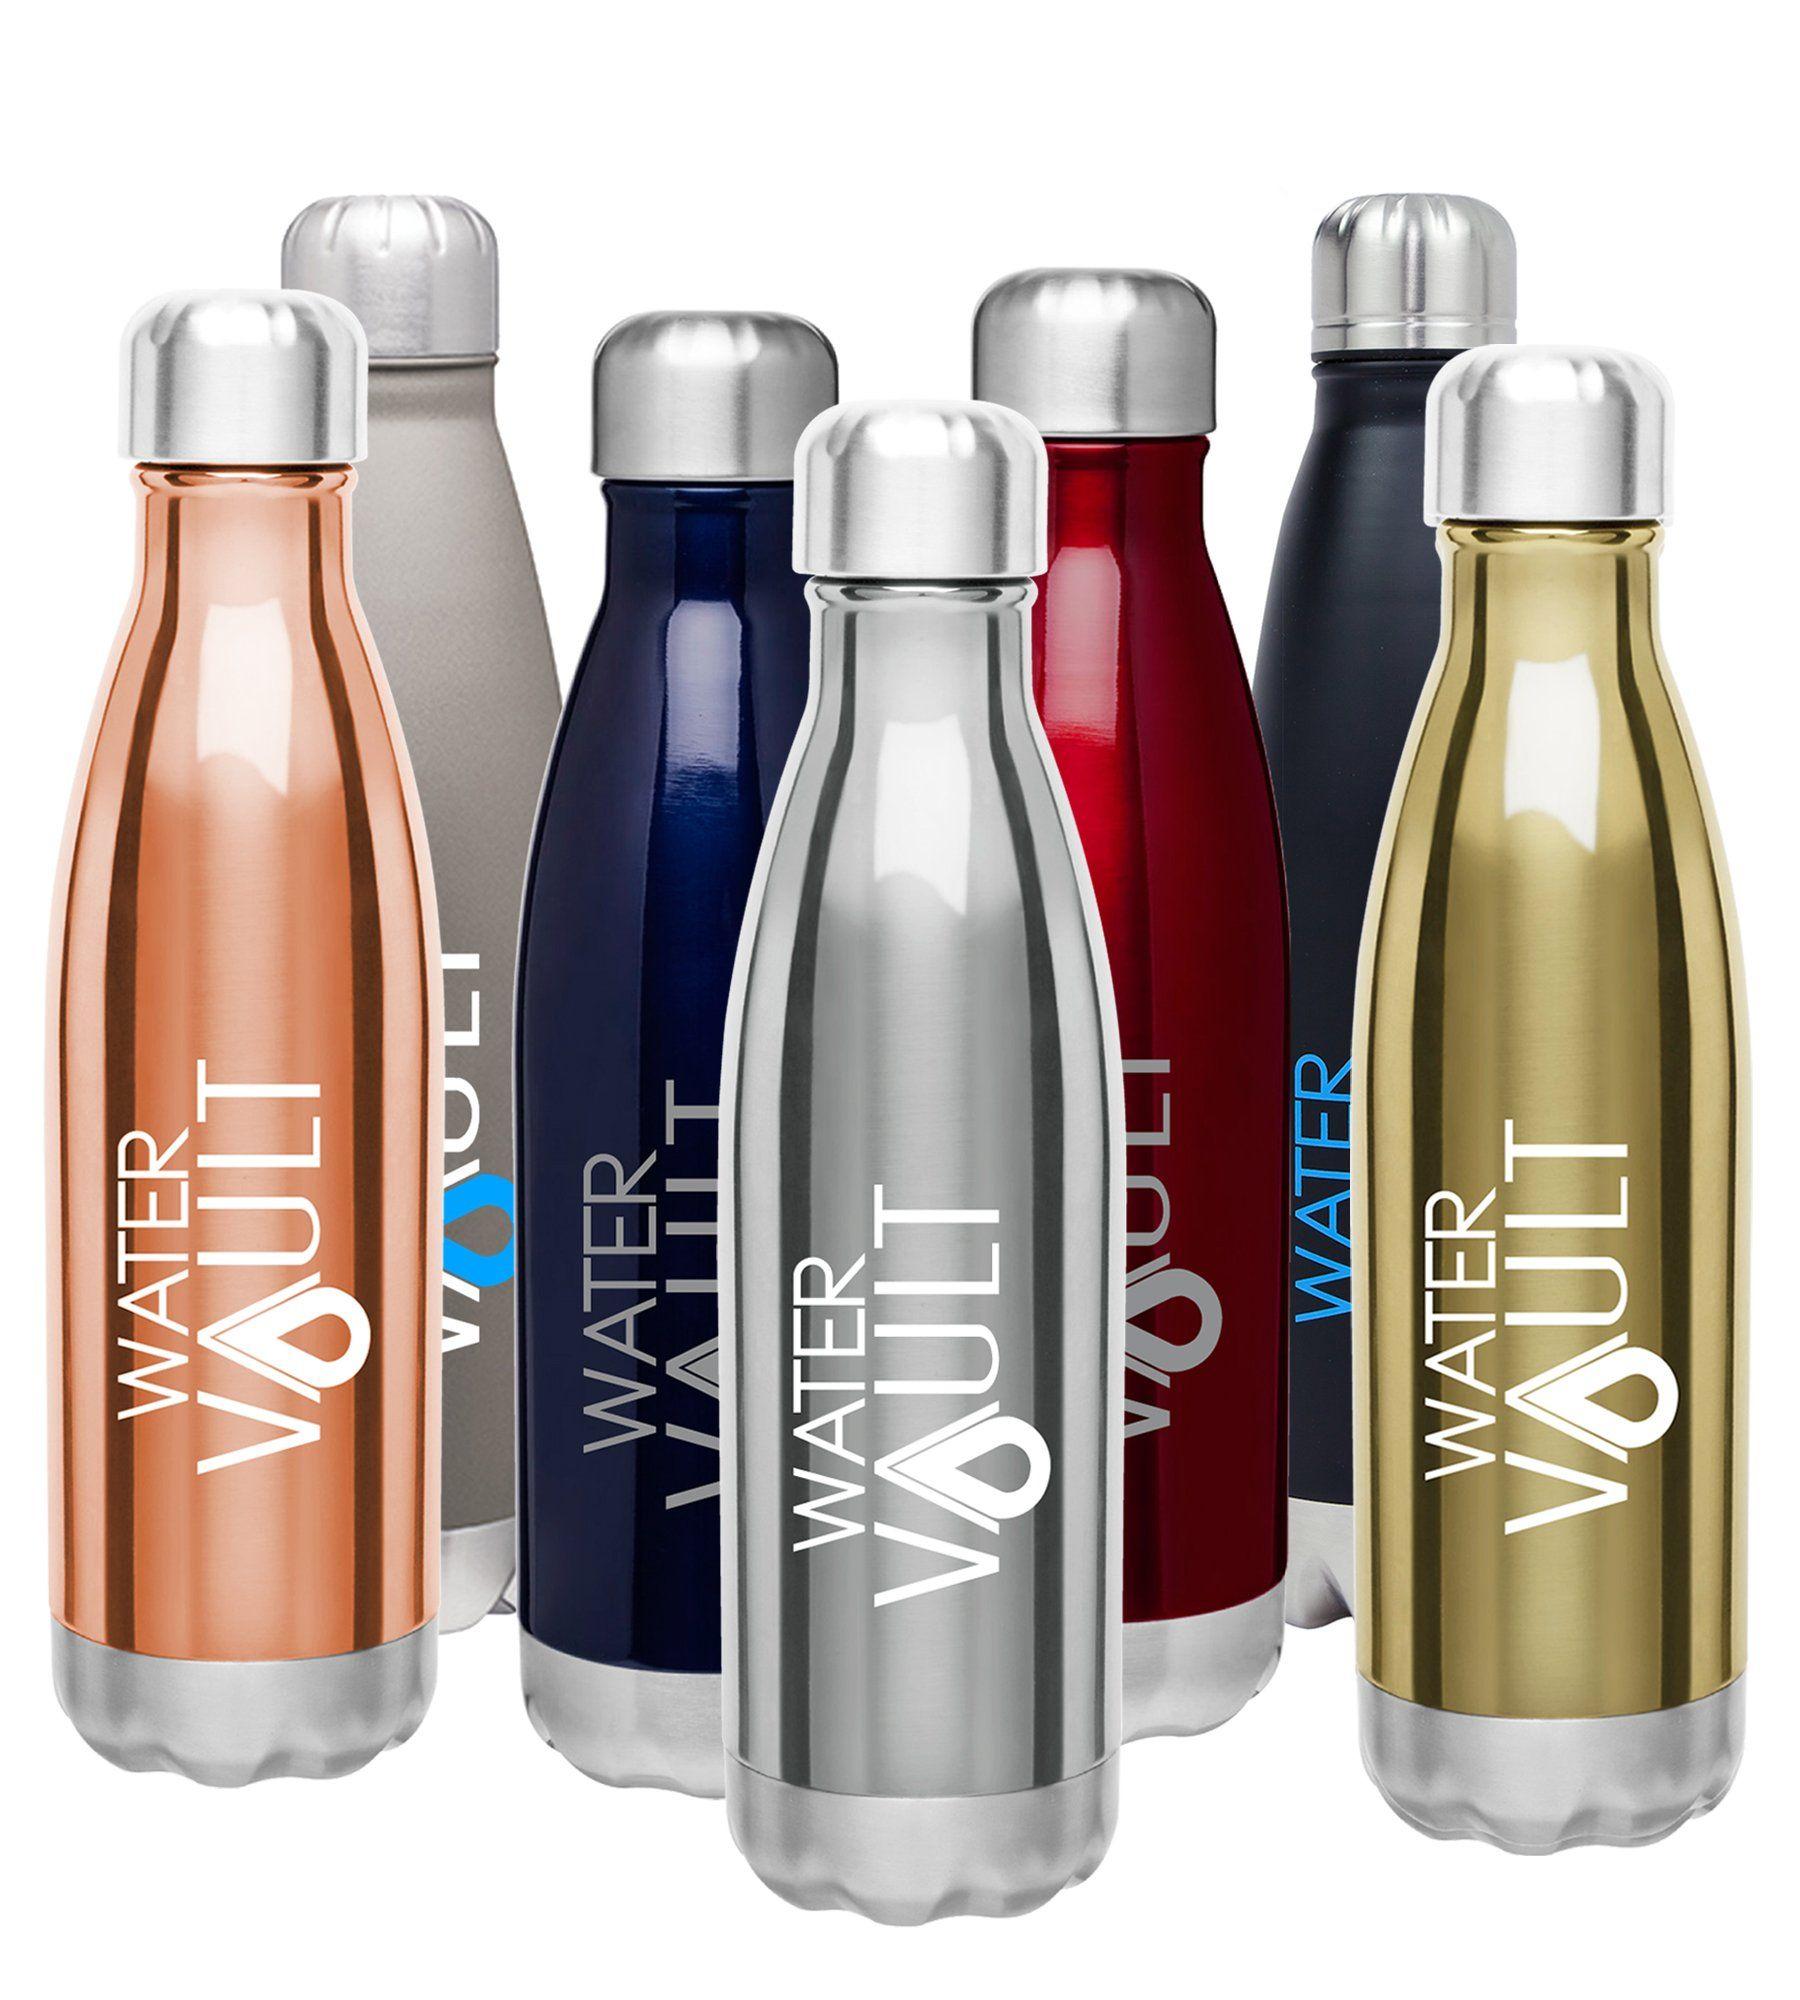 Pin On Water Bottles Ideas